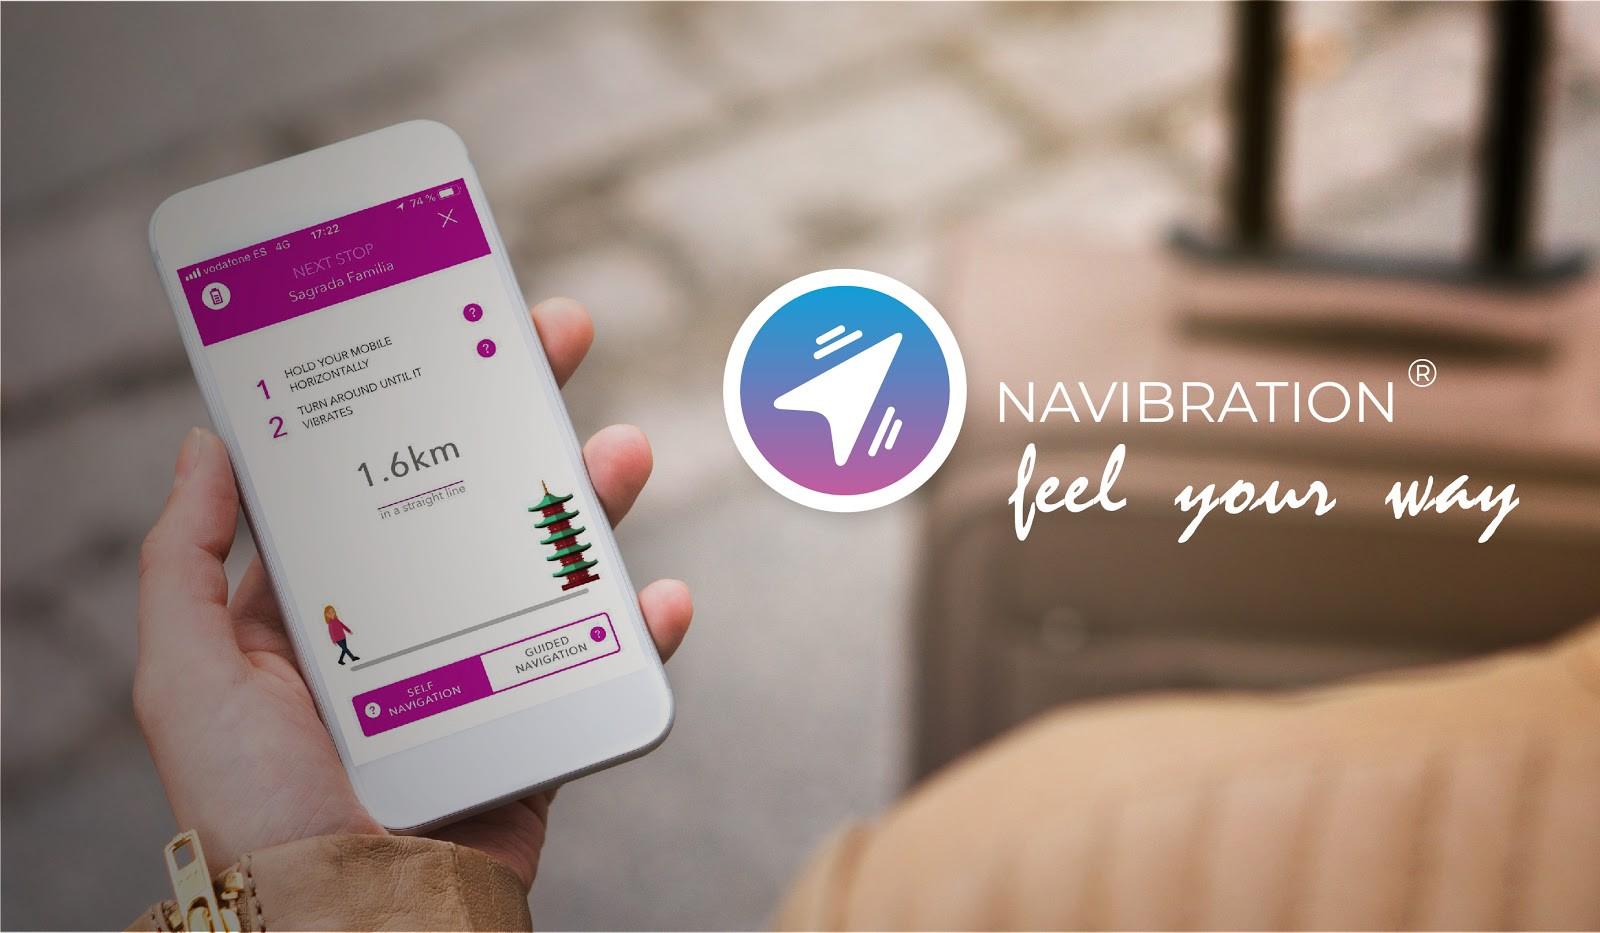 Navibration - Cara Baru Mengetahui Dunia